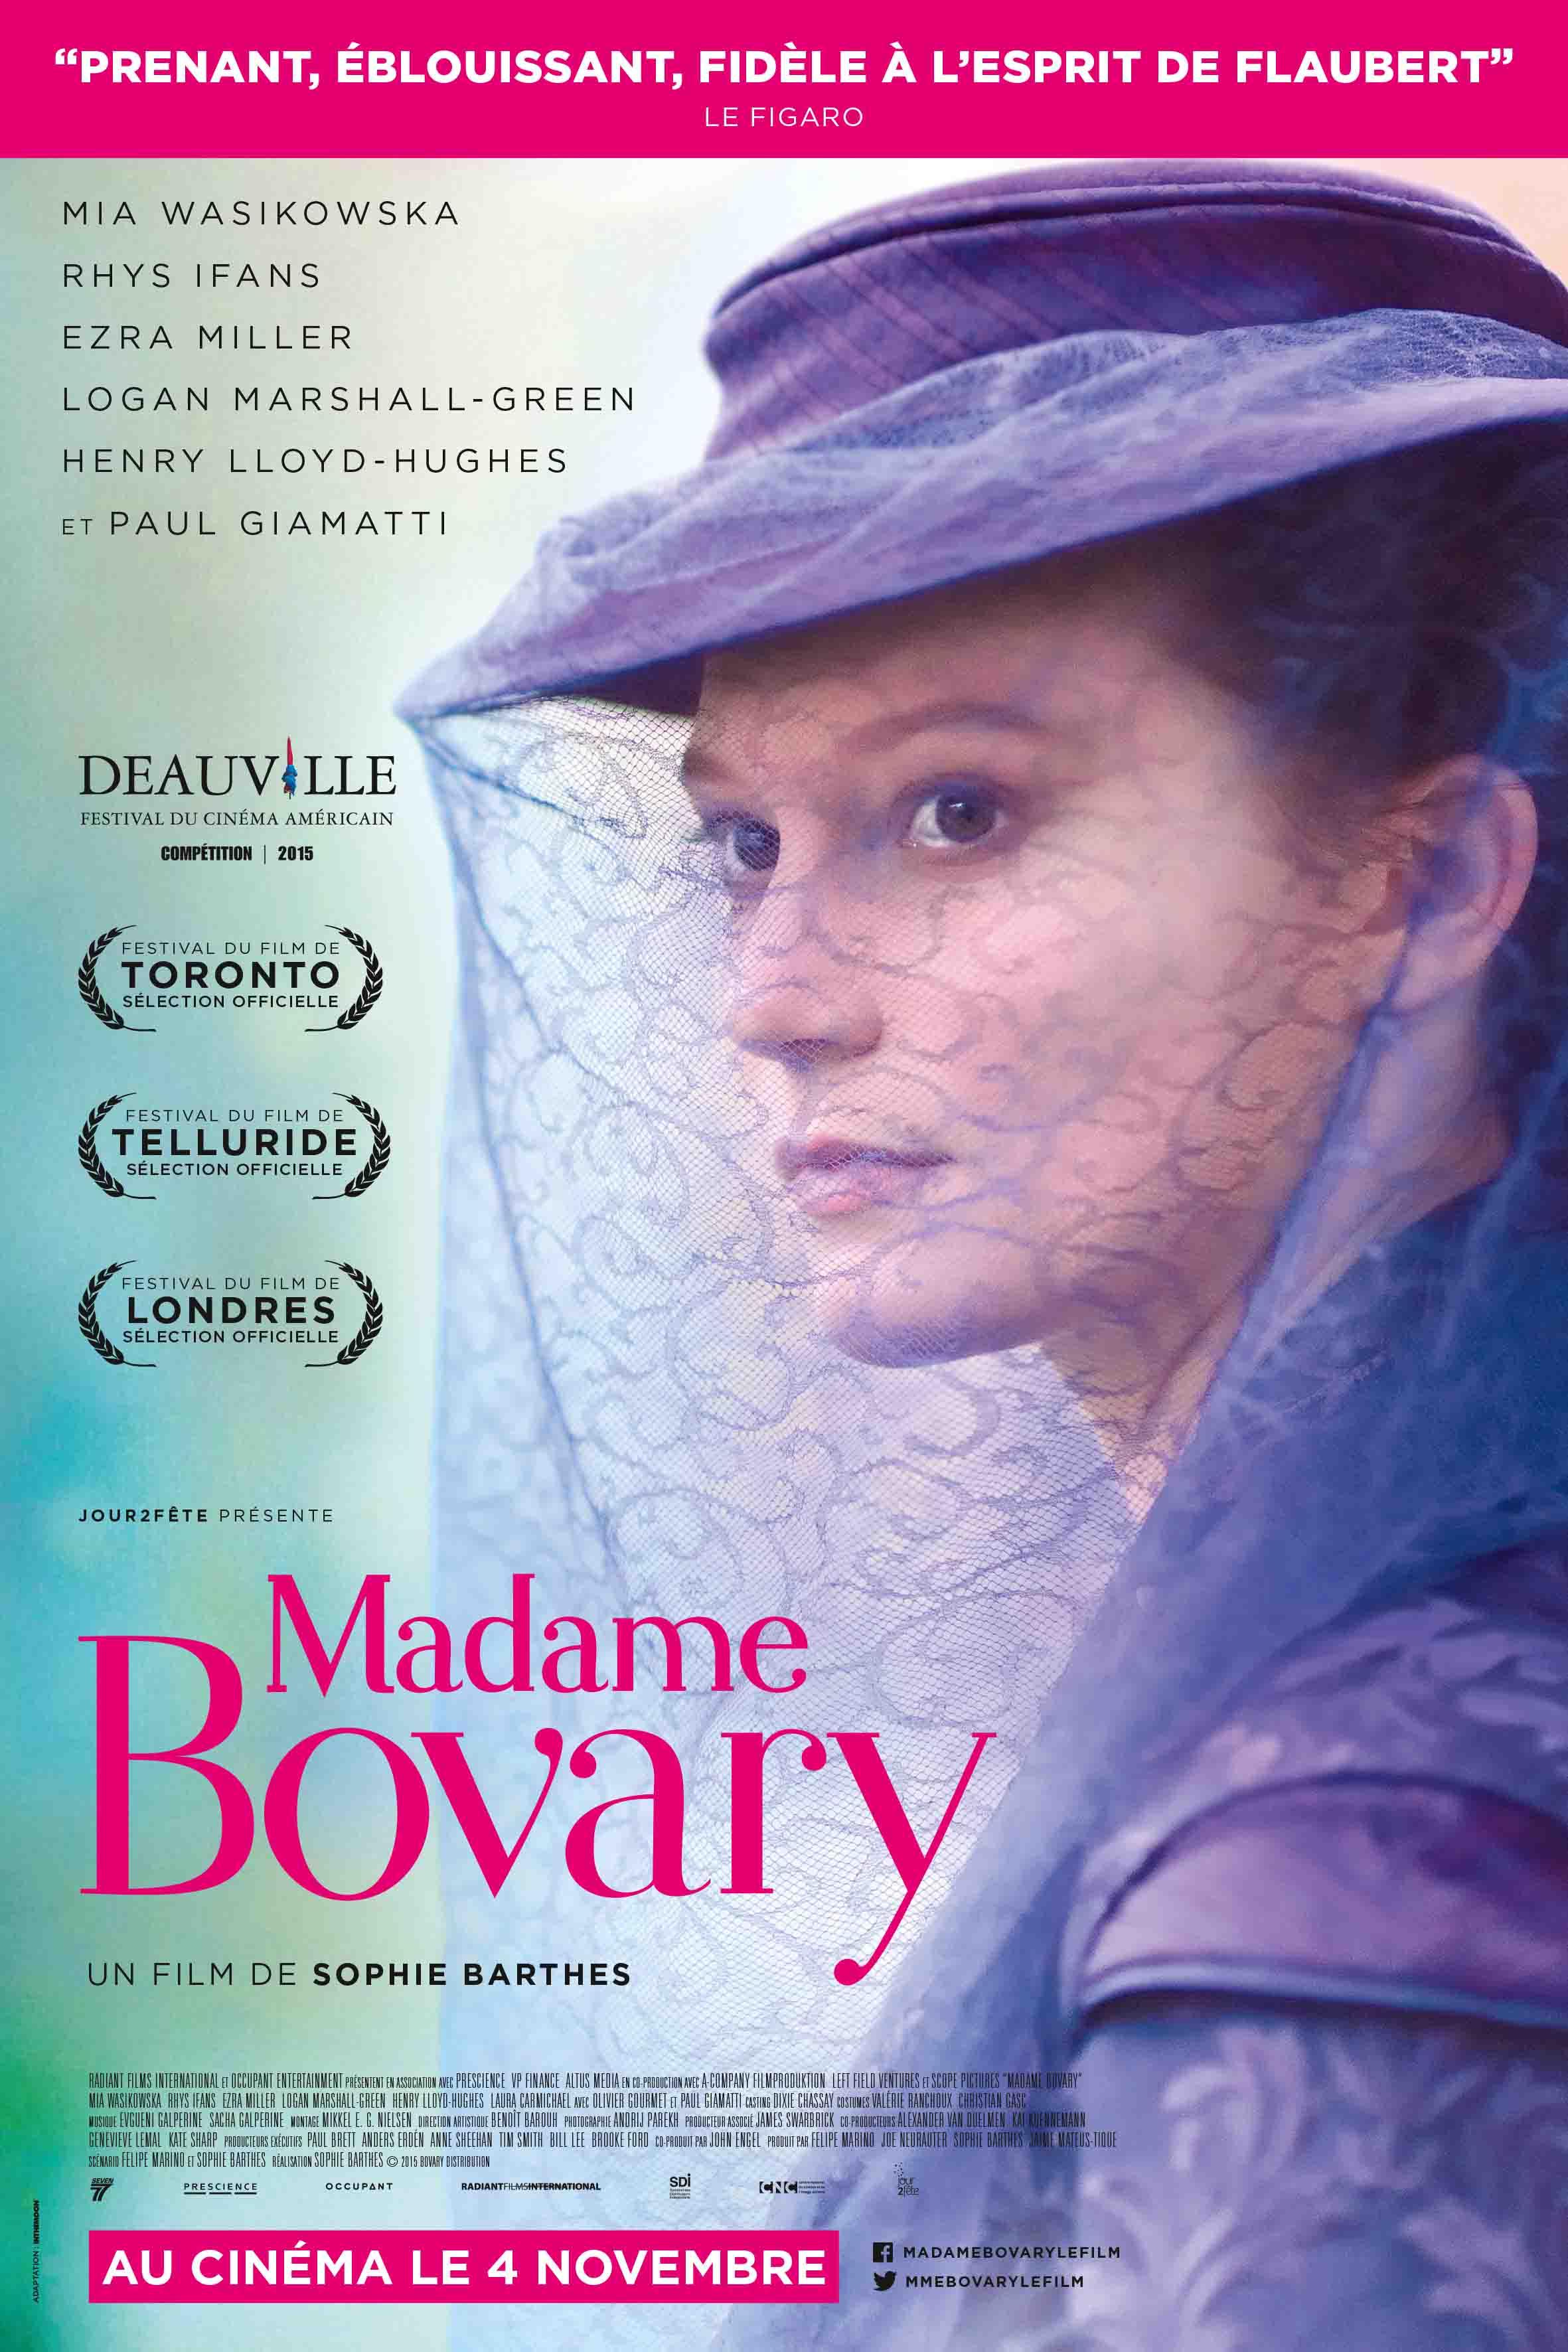 M2014004CIM  包法利夫人 Madame Bovary (2014)__madame-bovary.jpg